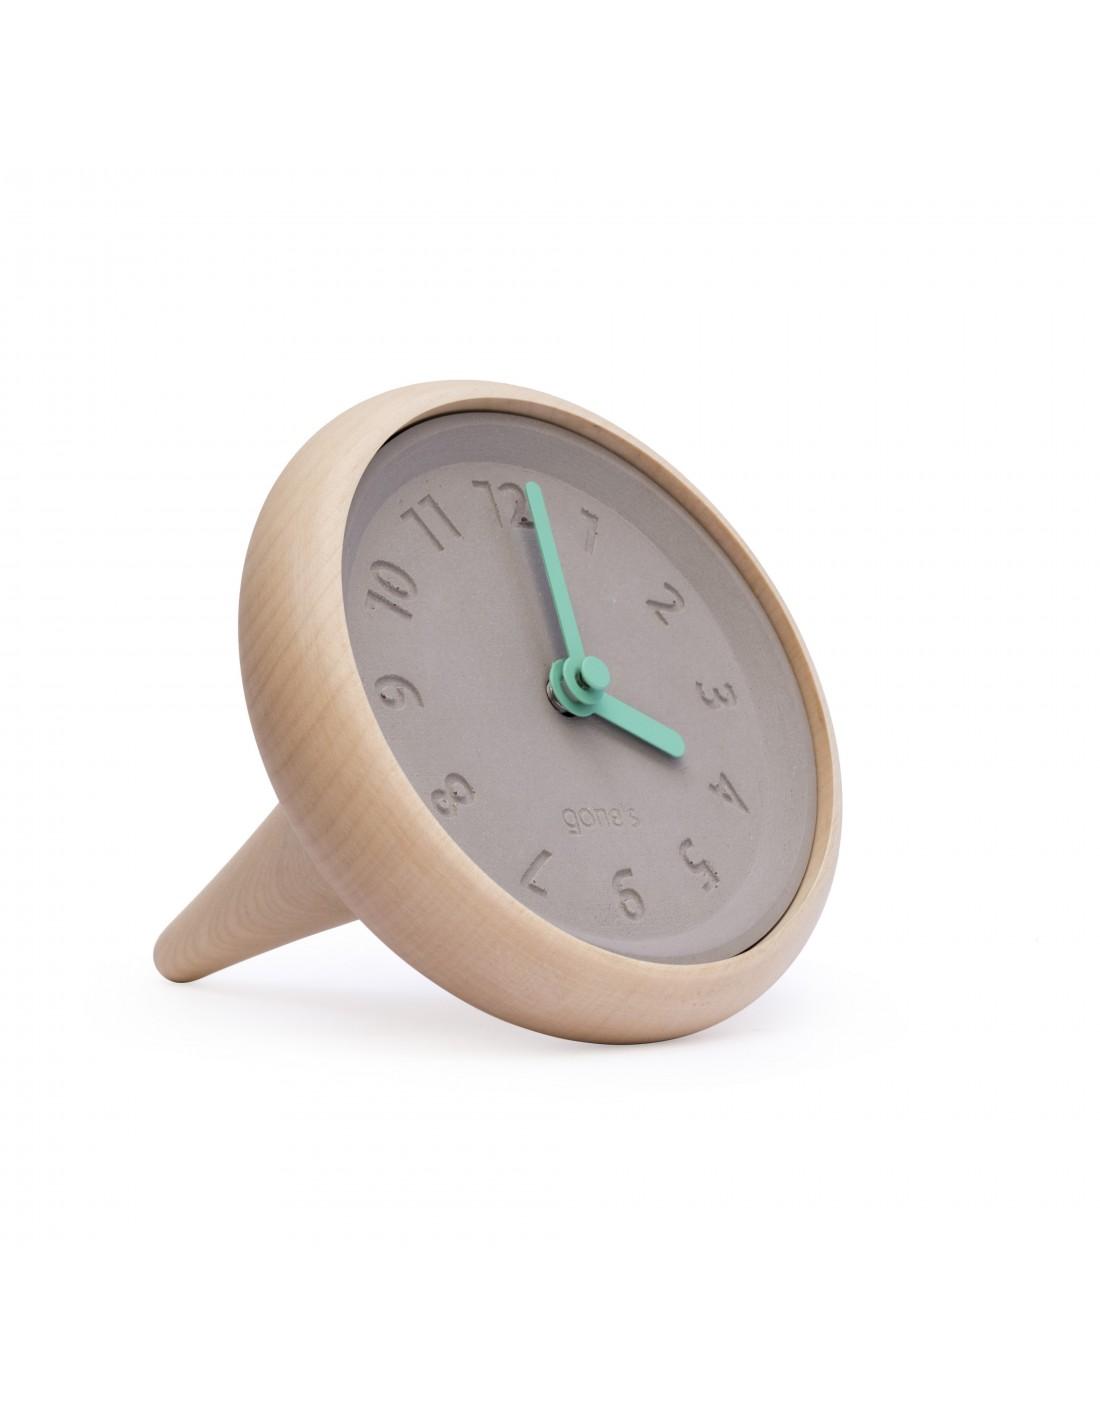 Horloge de table en bois et béton